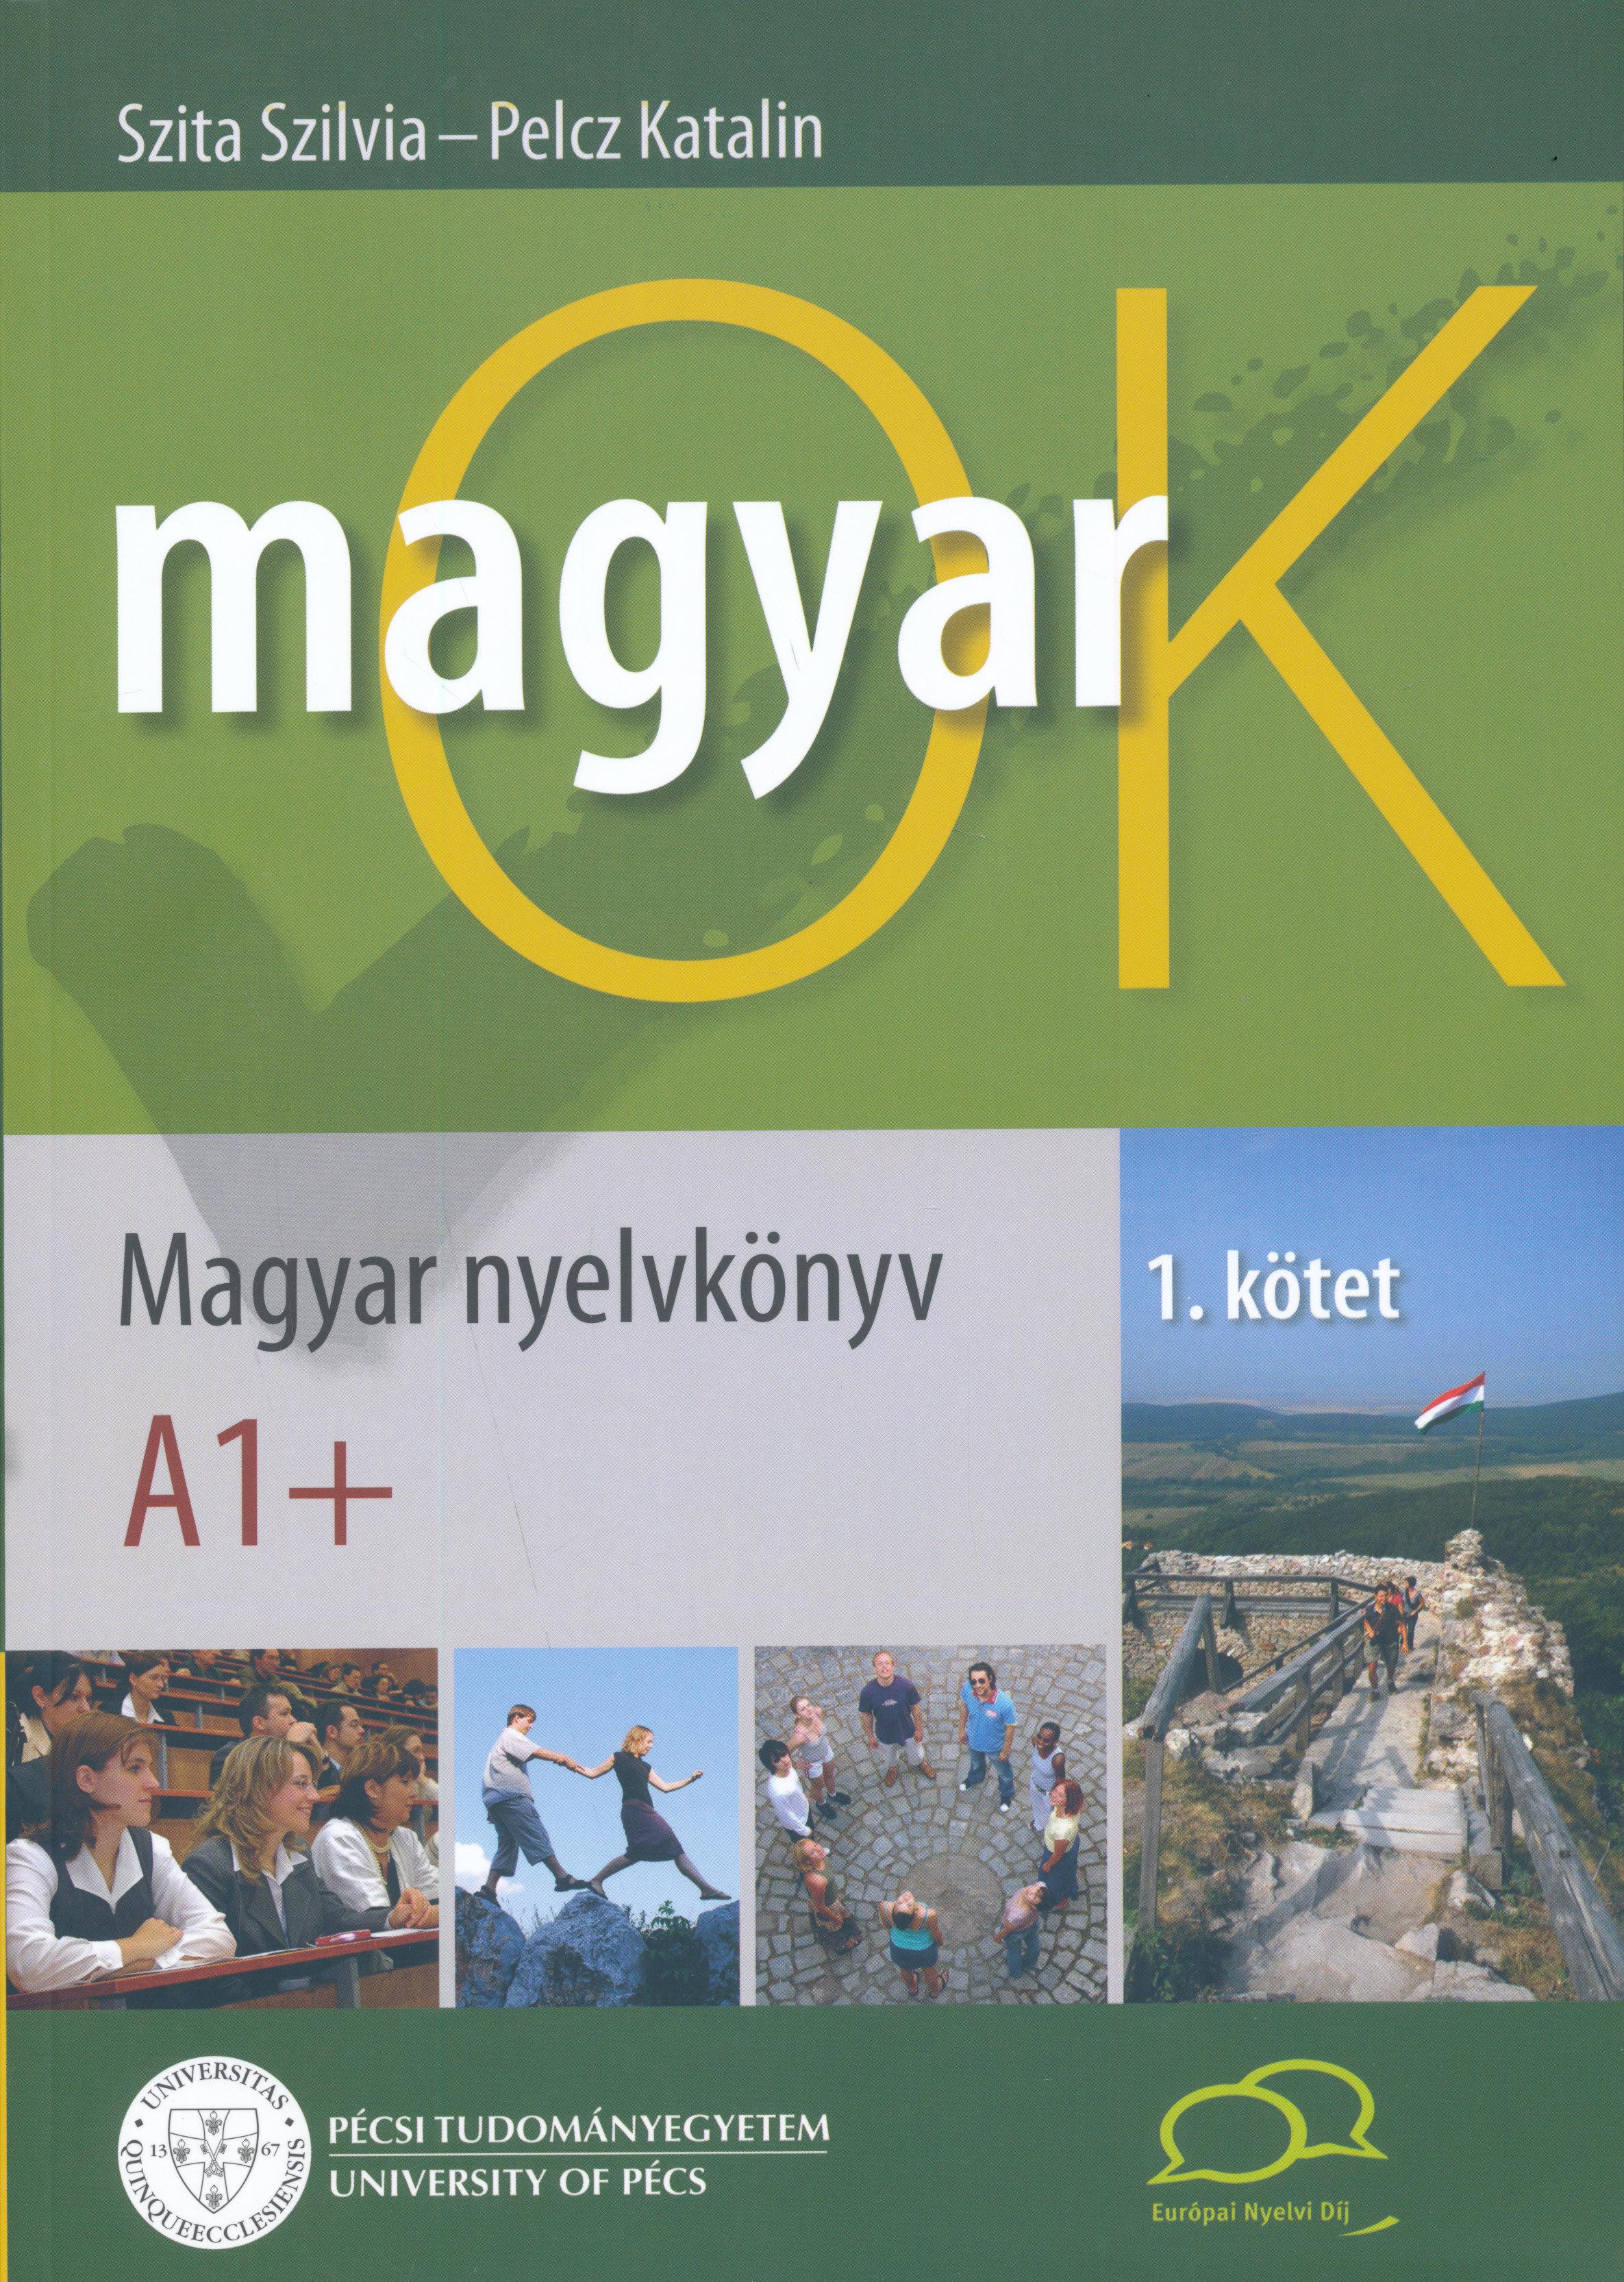 MagyarOK A1+  - Magyar Nyelvkönyv és Nyelvtani Munkafüzet - Letölthető Hanganyaggal